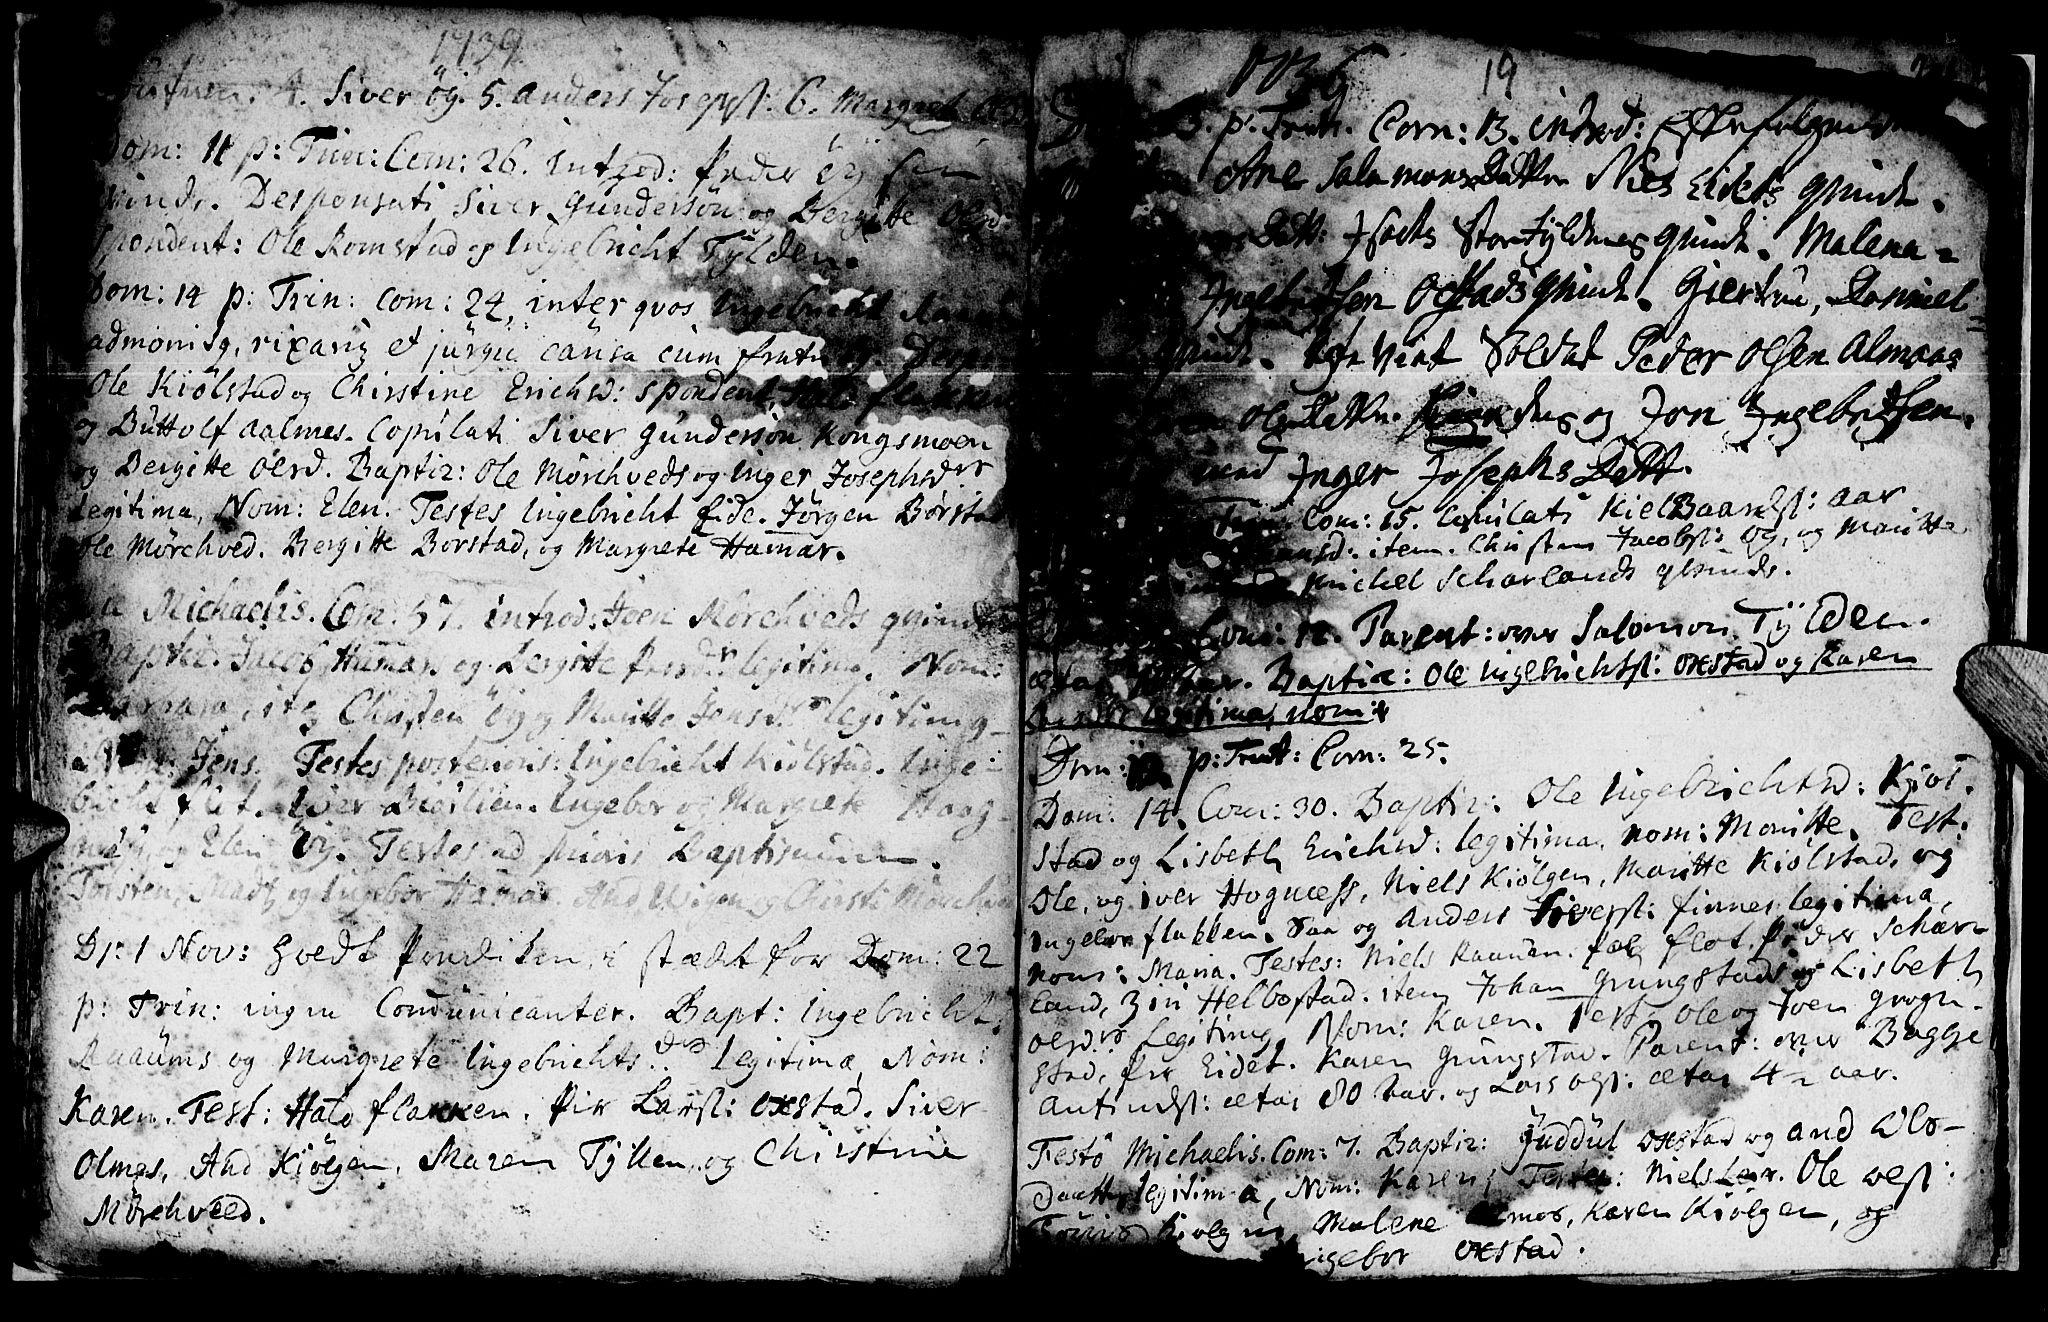 SAT, Ministerialprotokoller, klokkerbøker og fødselsregistre - Nord-Trøndelag, 765/L0560: Ministerialbok nr. 765A01, 1706-1748, s. 23